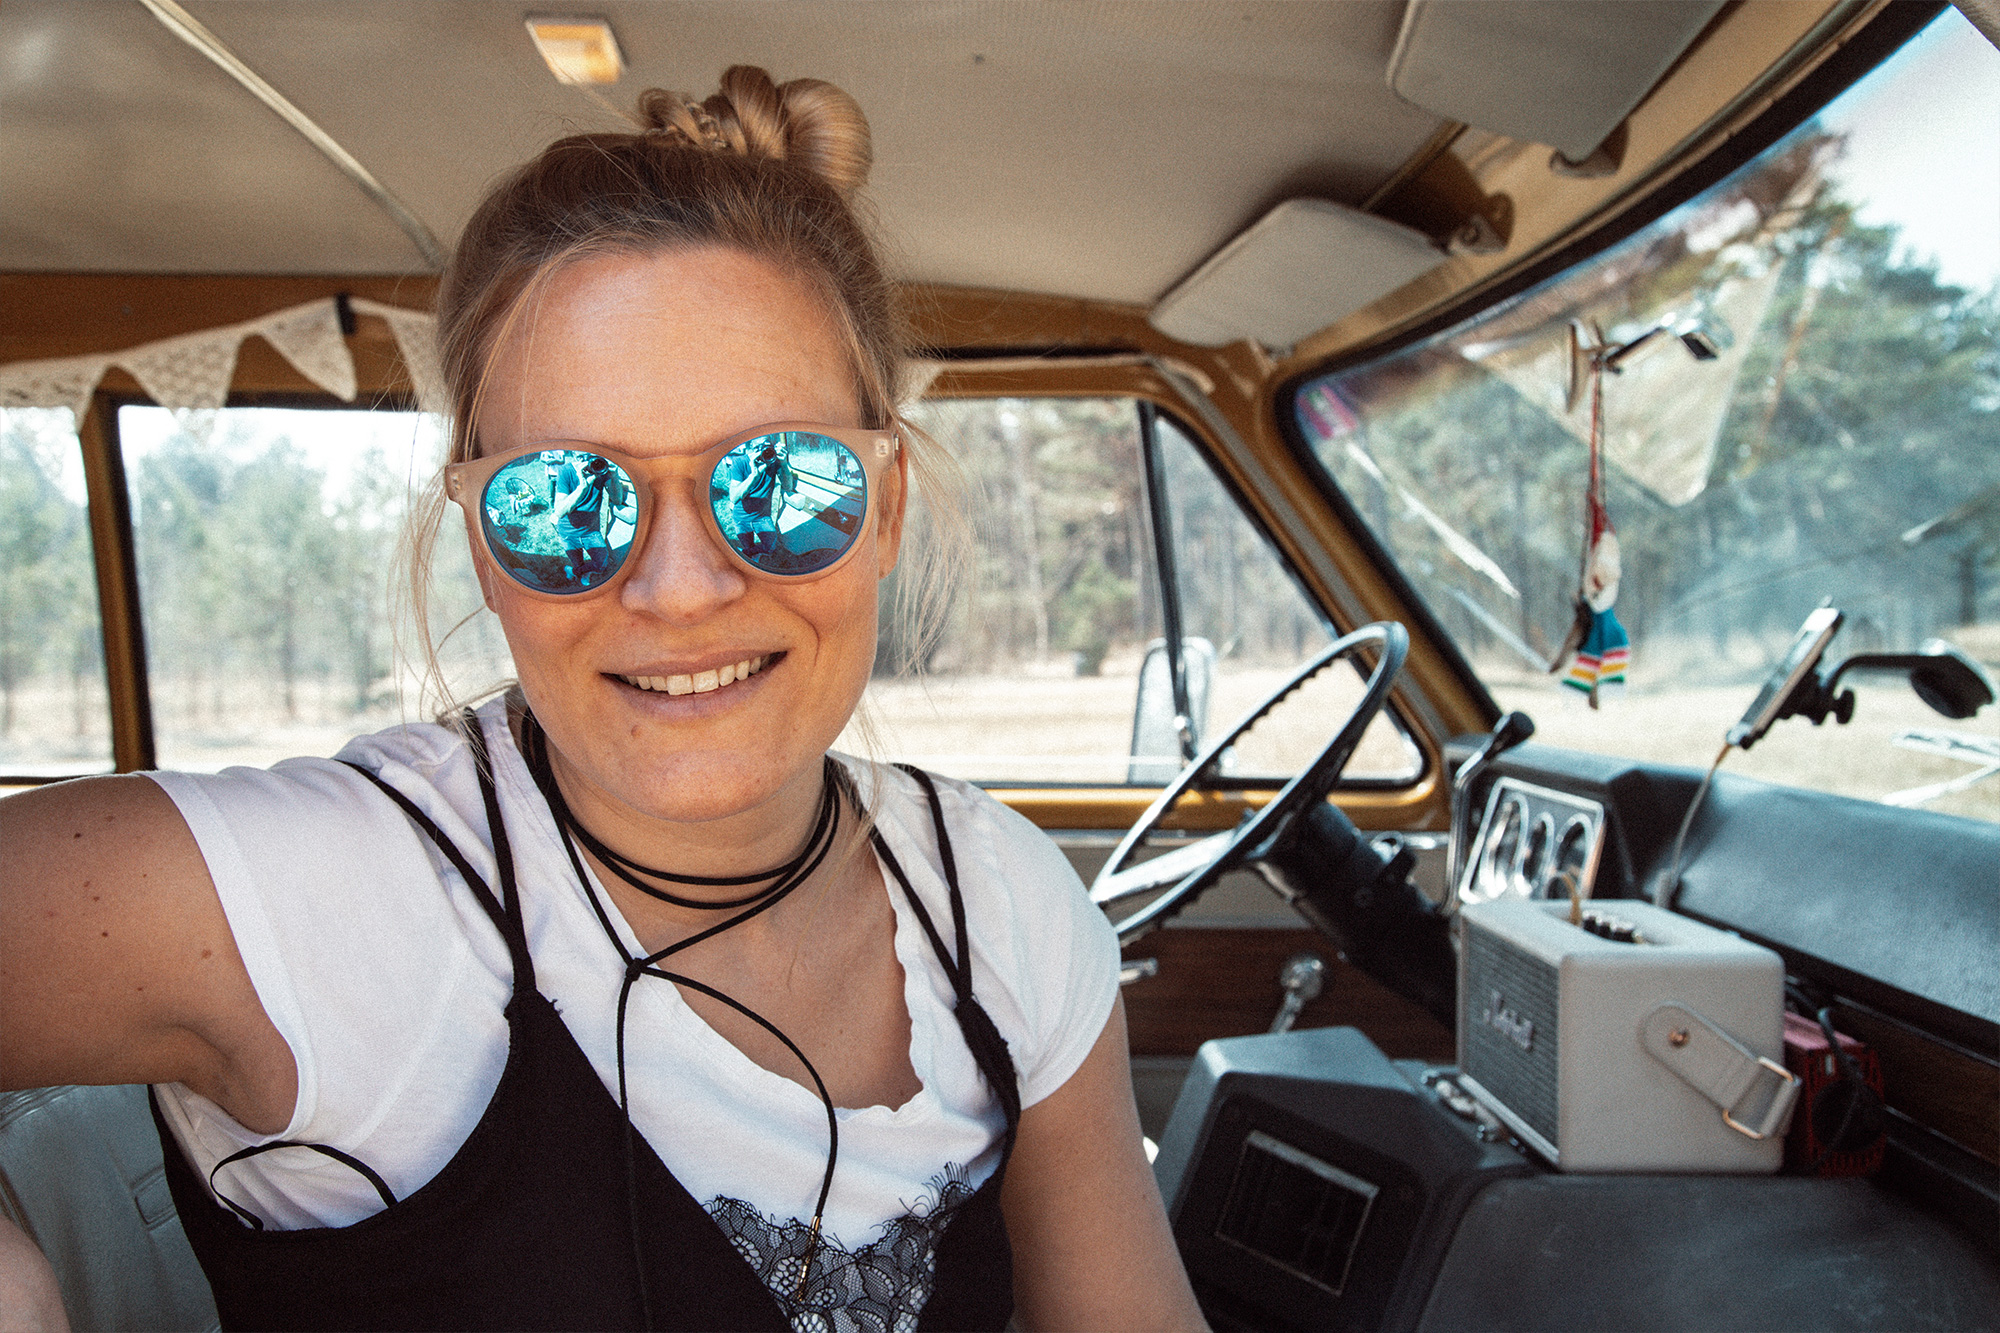 Fotobus-Jimmy-Fotobulli–Event-Fotobooth-Team-Miriam-Grill-V01.jpg